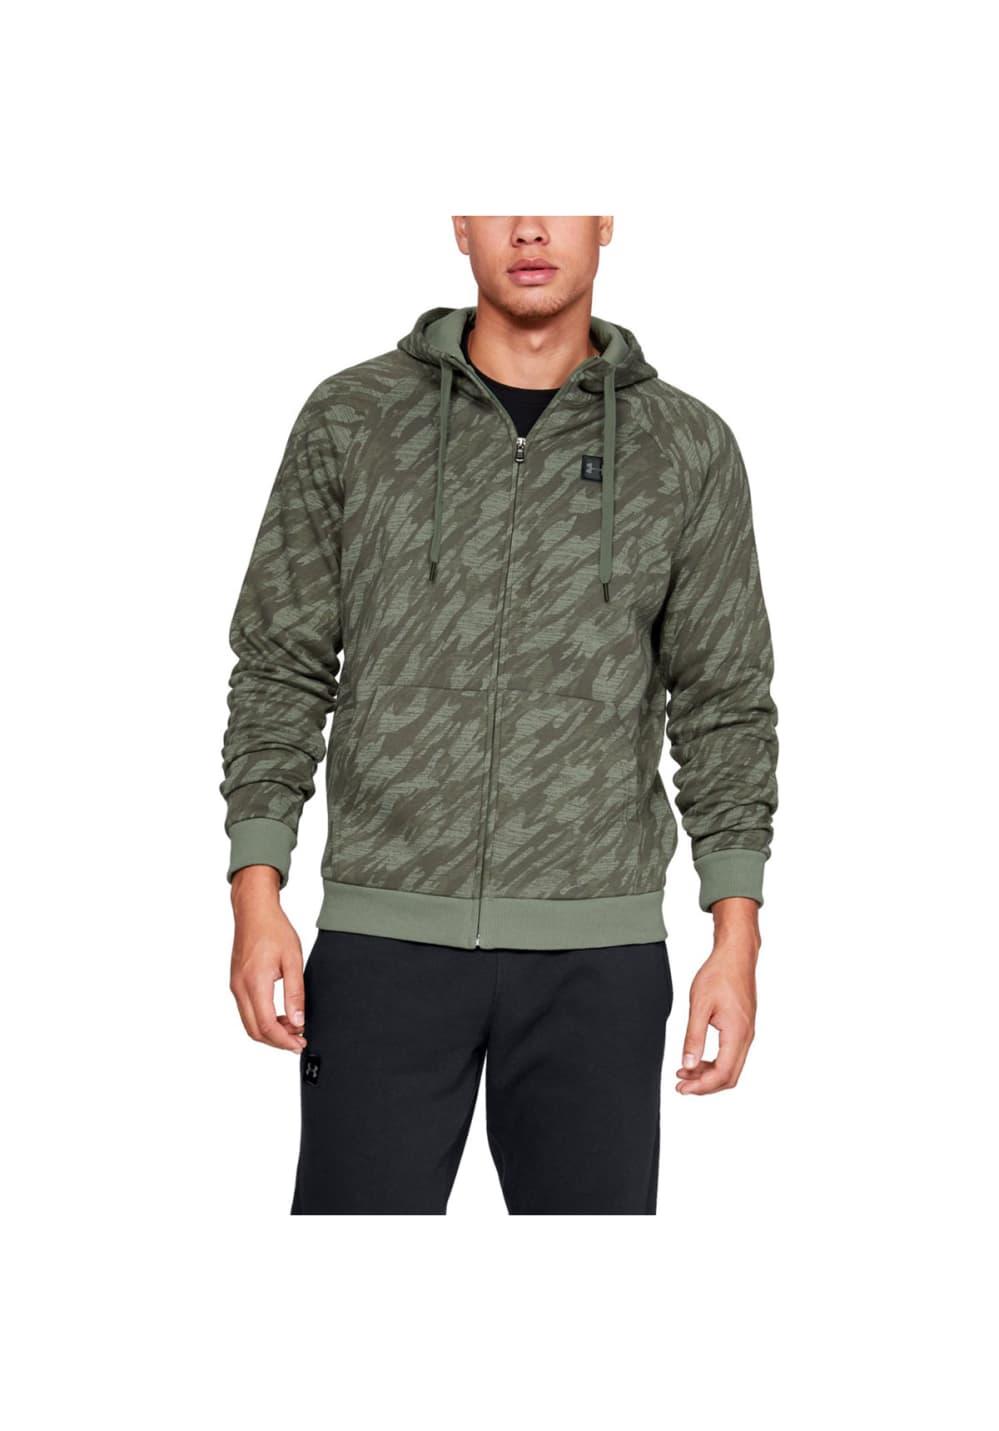 69c57a8262f4d Under Armour Rival Fleece Camo Full Zip Hoodie - Sweatshirts ...